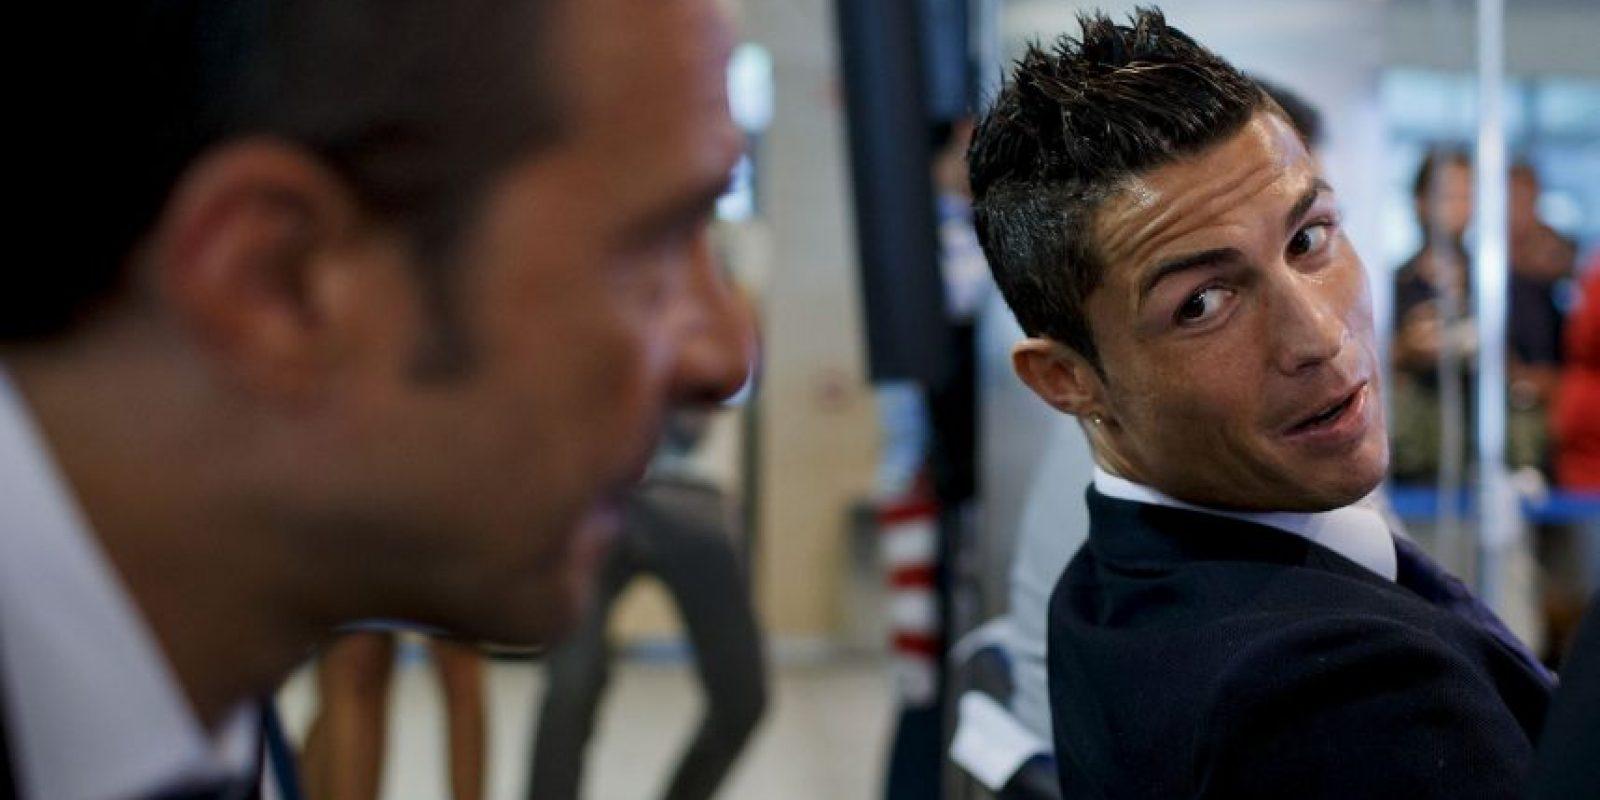 Suma 95.6 millones de dólares en comisiones, gracias a sus representados, entre los que destacan Cristiano Ronaldo, Radamel Falcao y el DT José Mourinho Foto:Getty Images